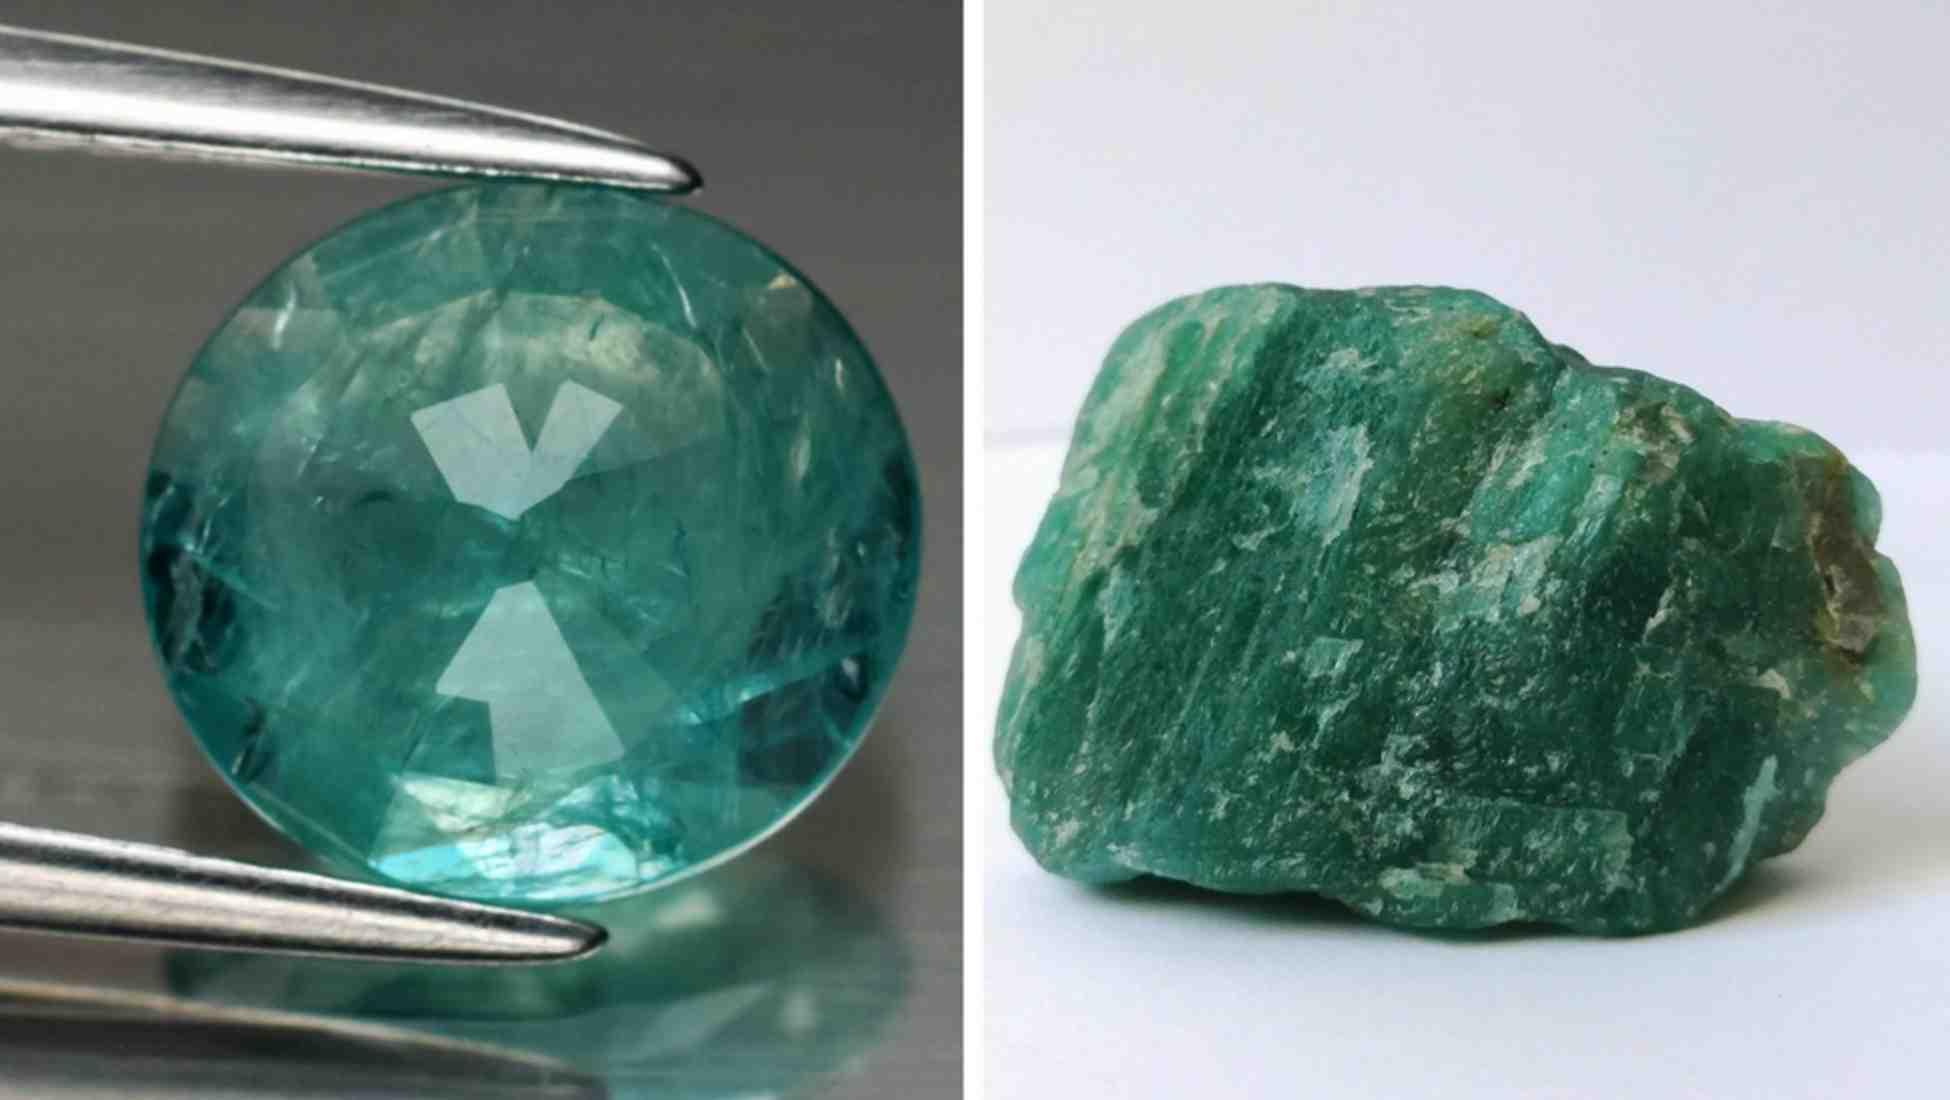 Quelles sont les propriétés des pierres ?